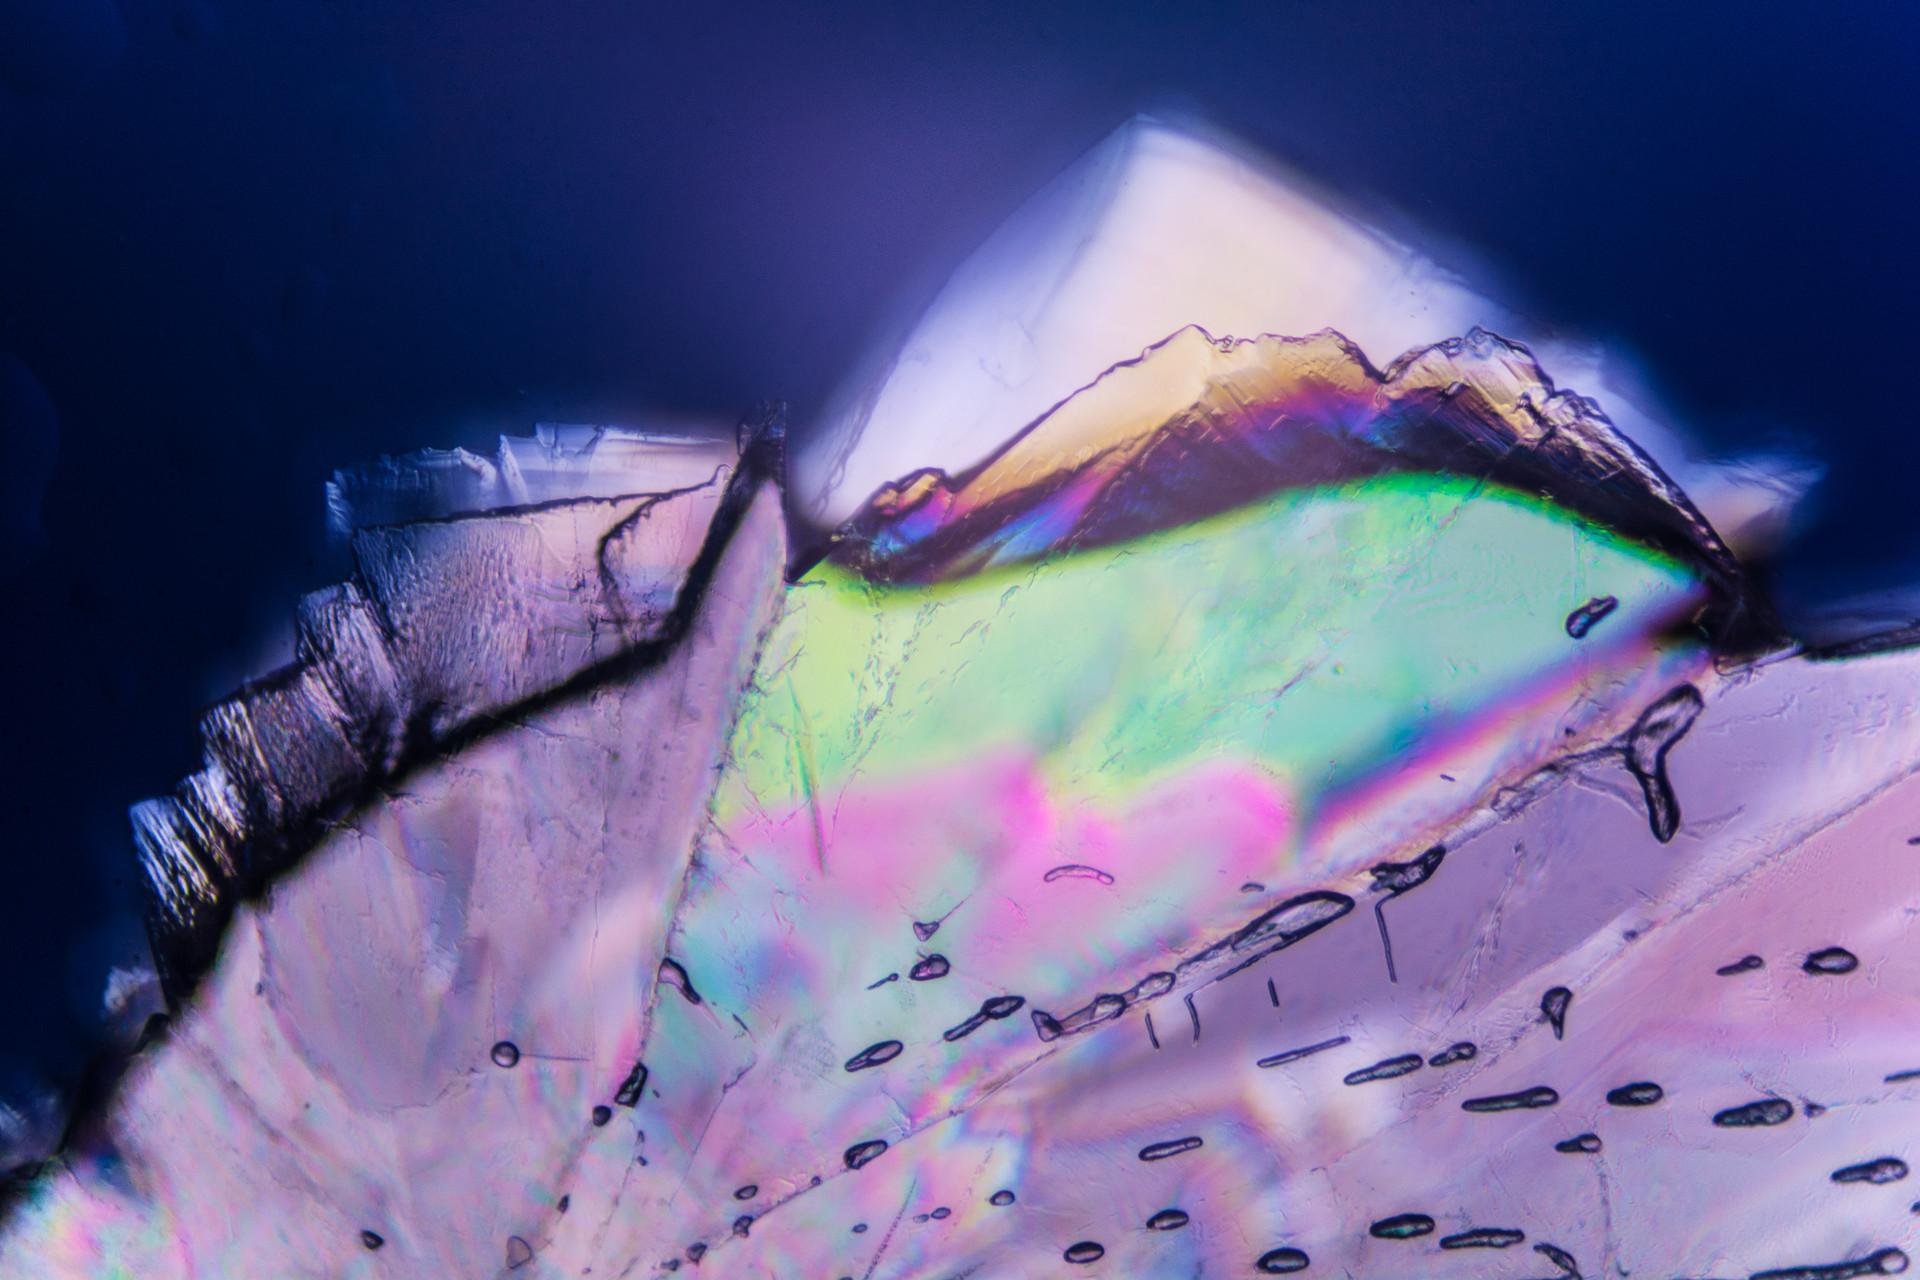 Sugar Crystal, Polarising Filter